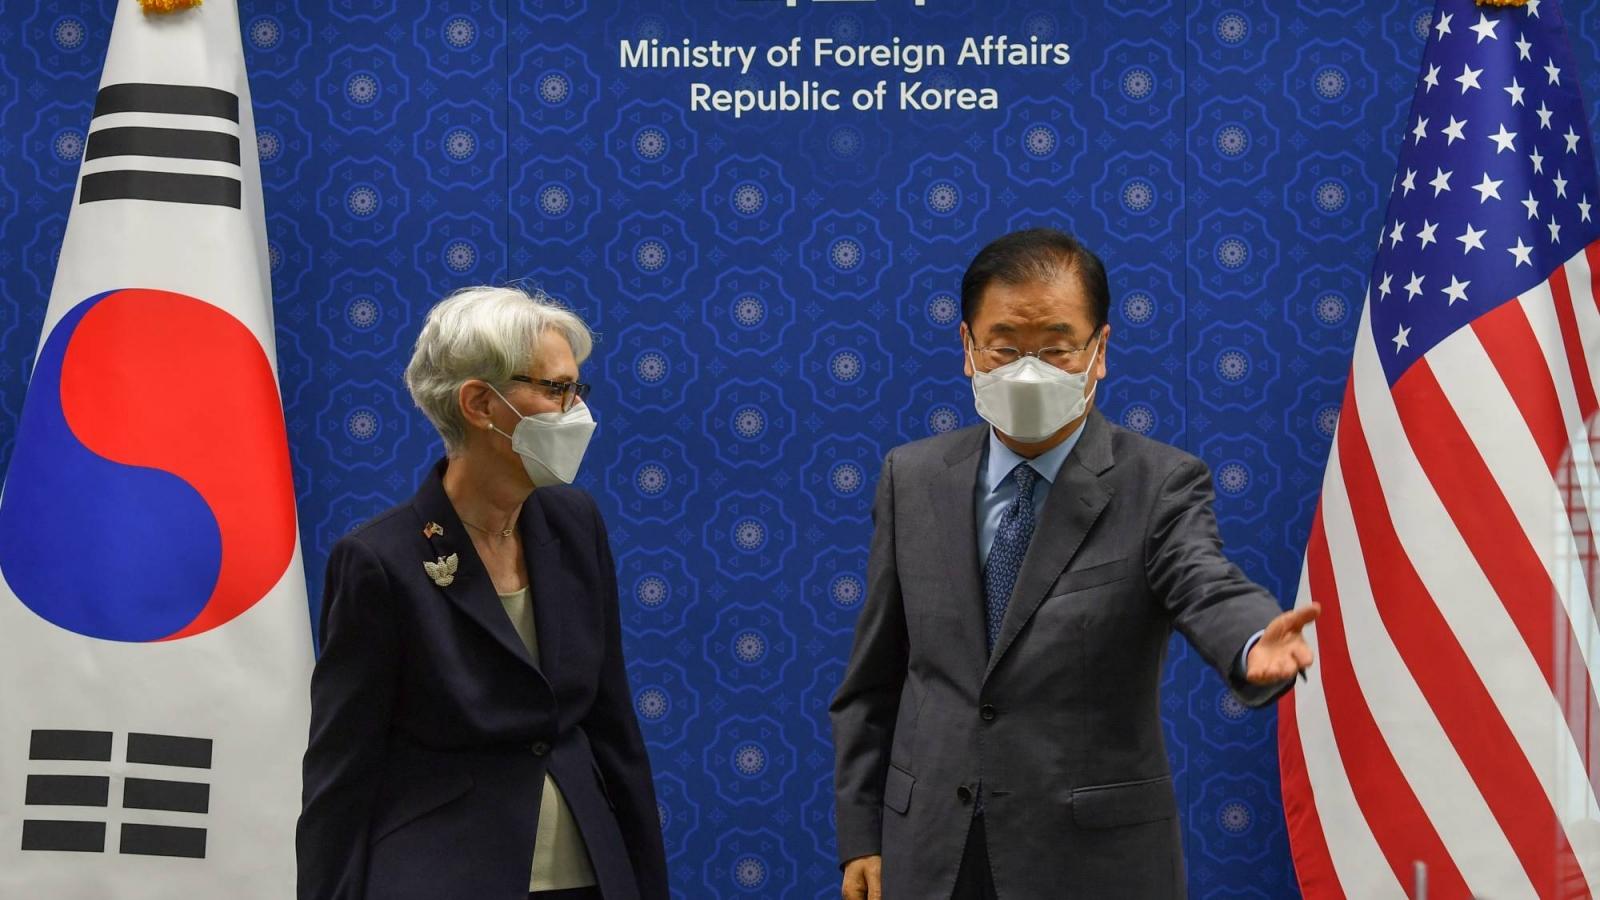 Mỹ tìm cách thúc đẩy đàm phán phi hạt nhân hóa với Triều Tiên